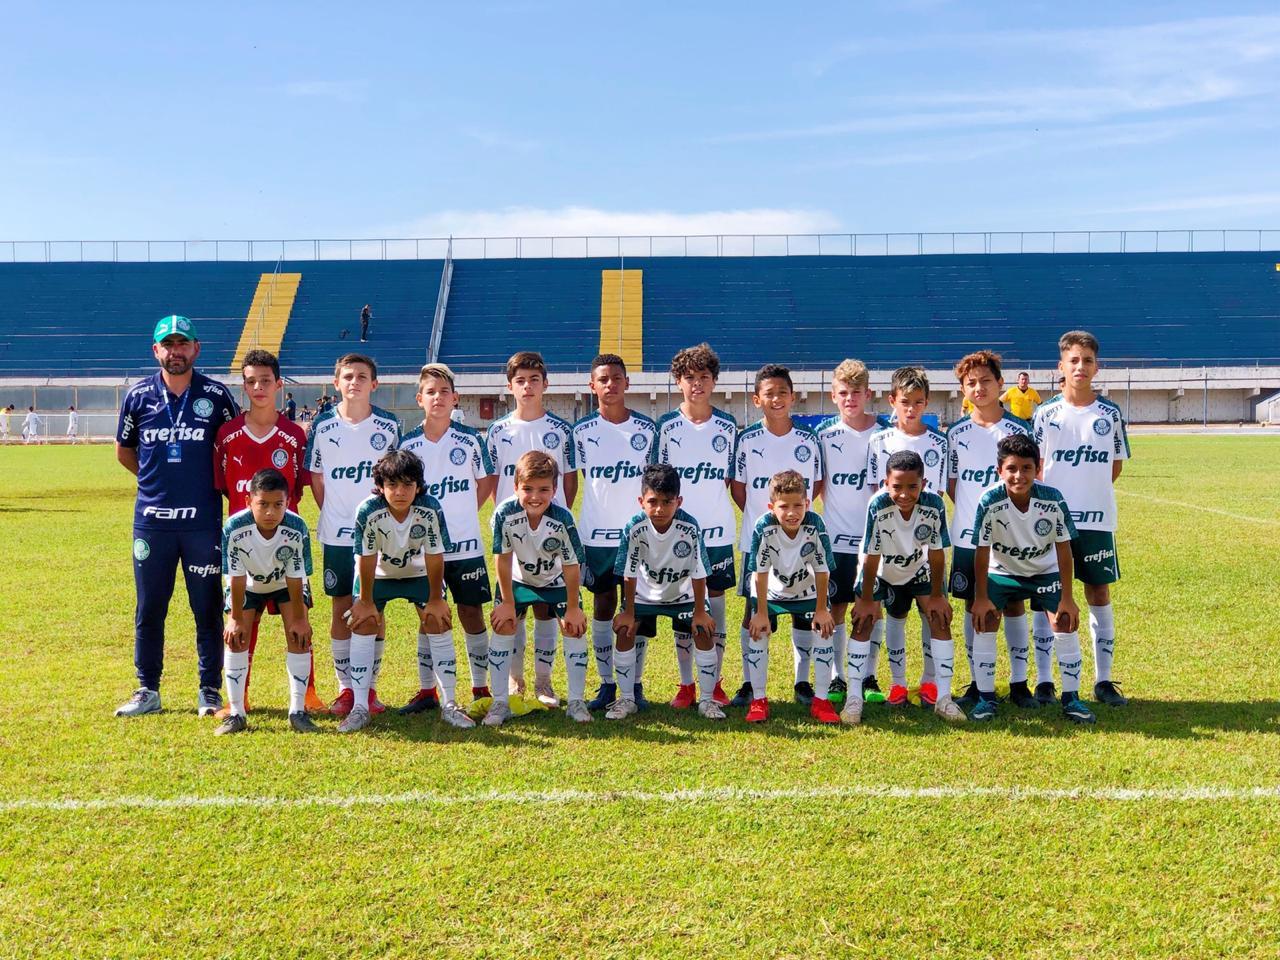 Divulgação_O Sub-11 do Palmeiras venceu quatro jogos e sofreu apenas um revés na Leme Cup